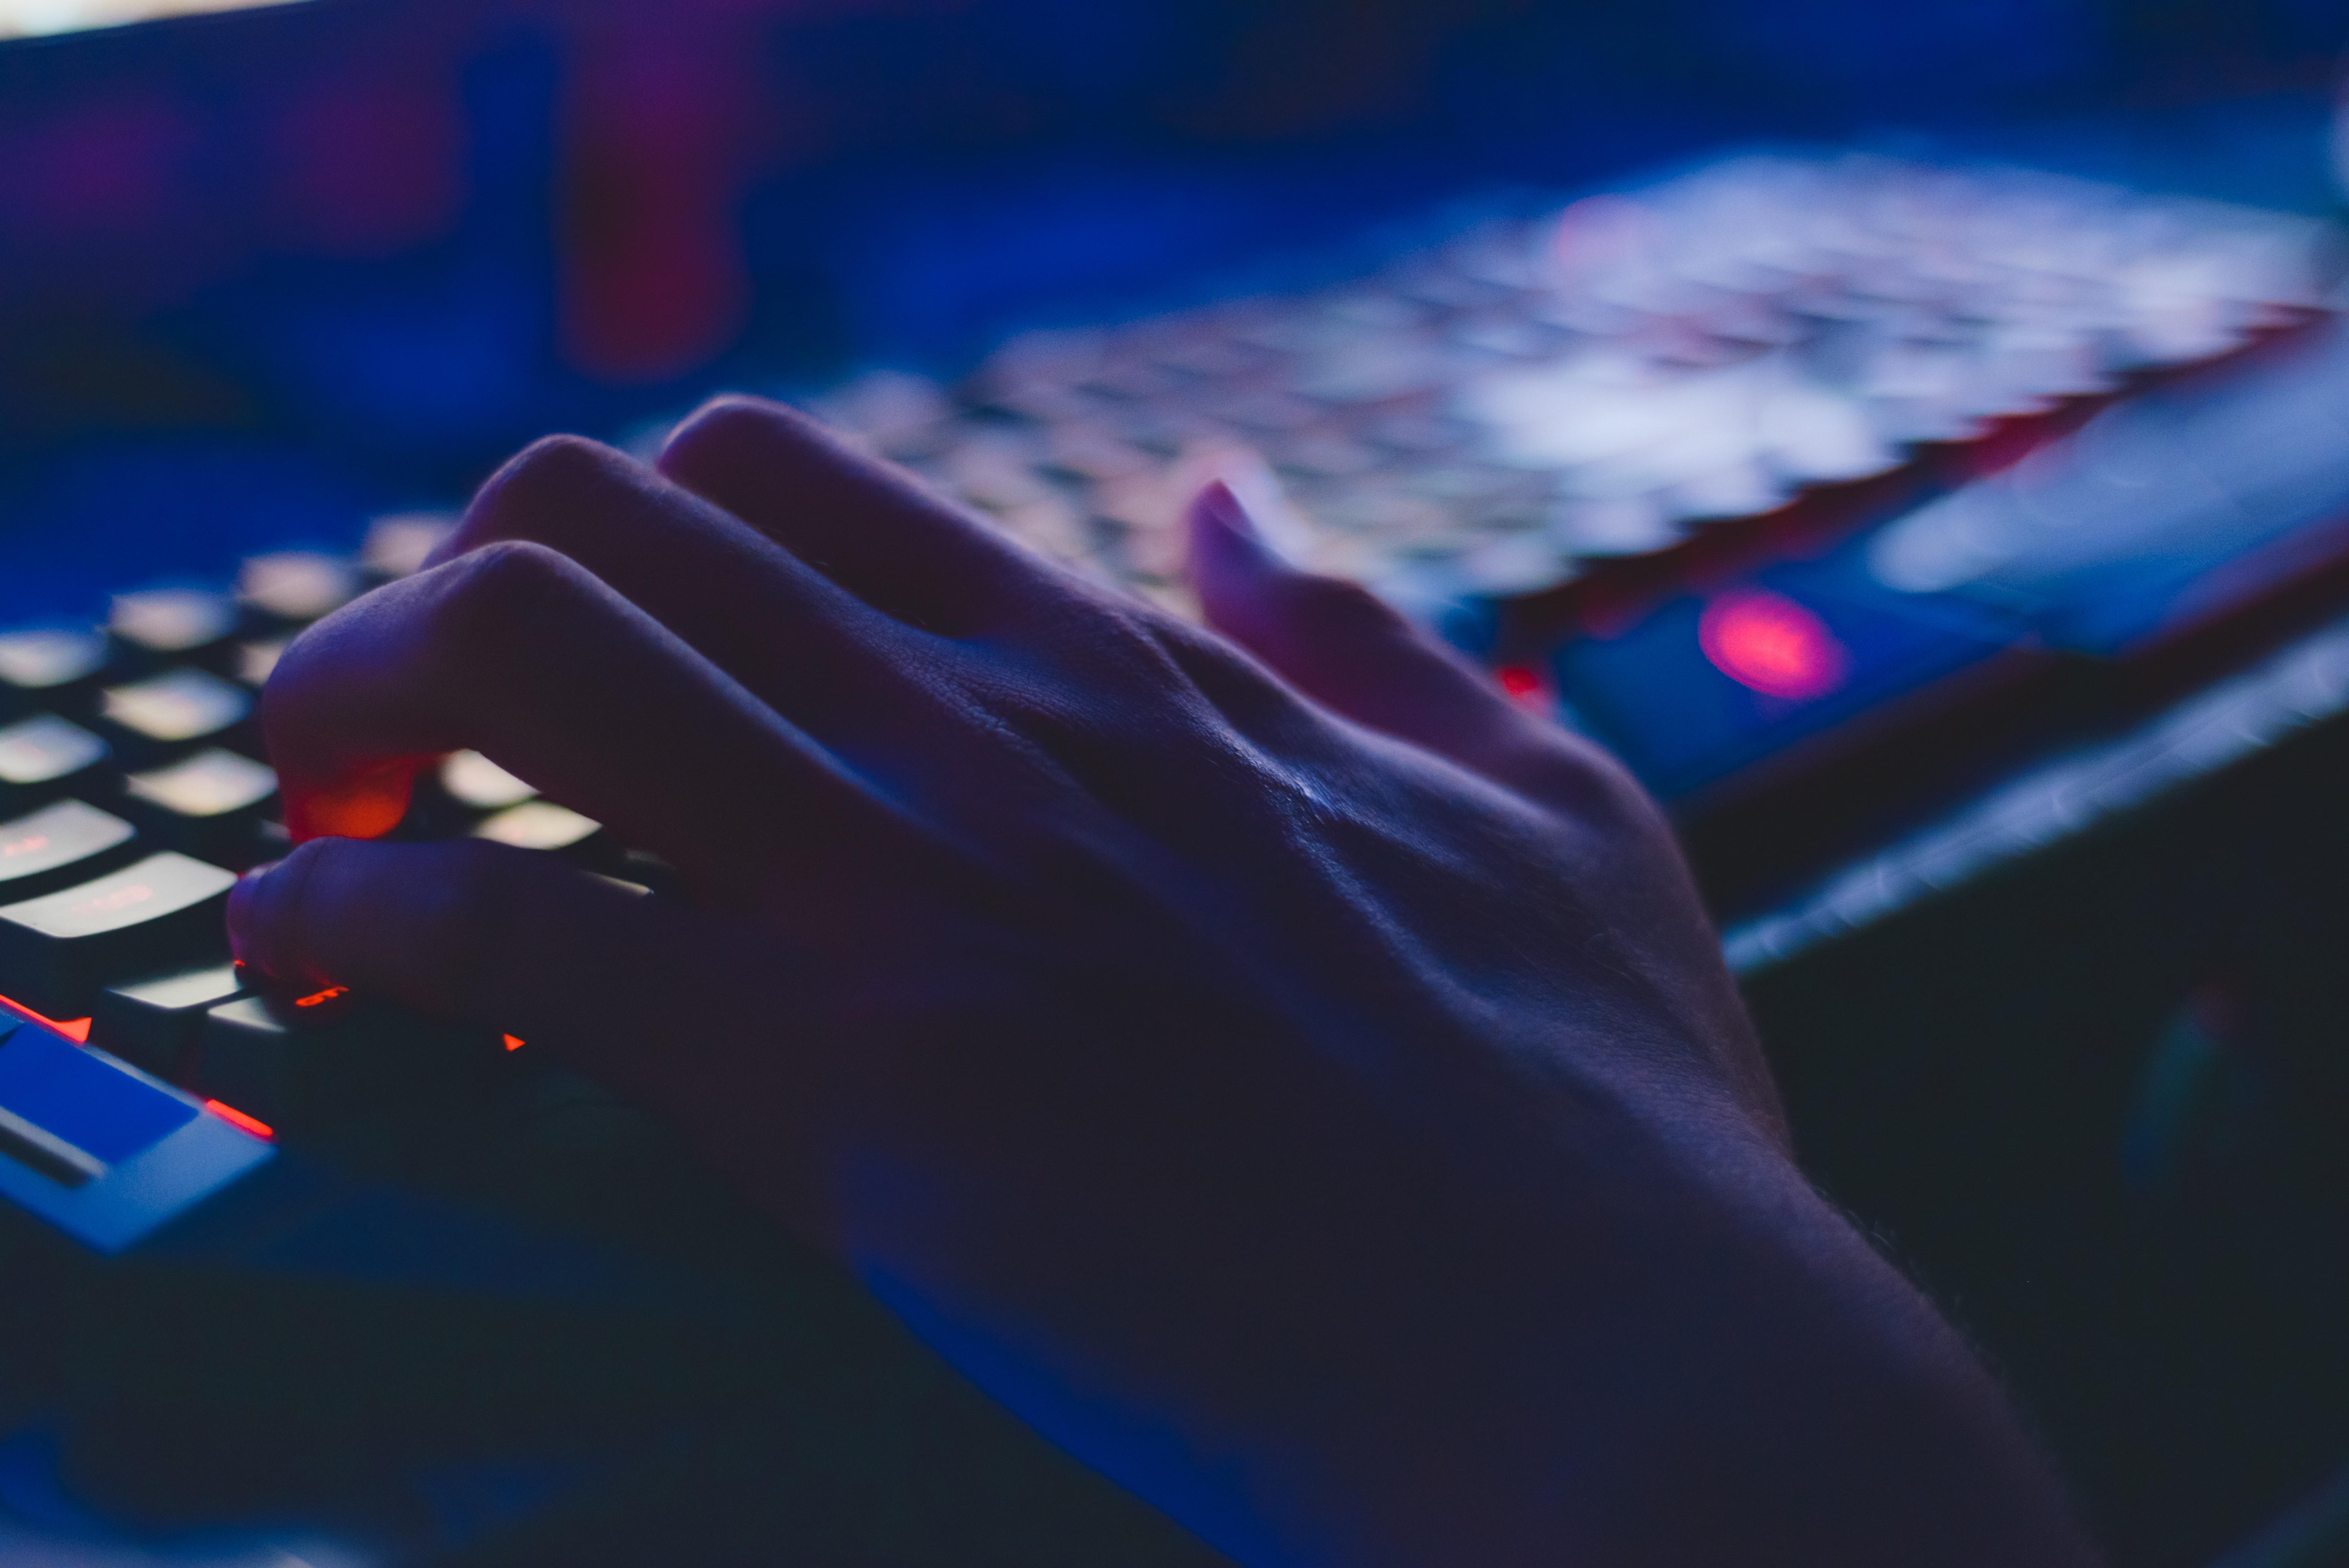 Cómo se protege una empresa al adquirir un seguro de riesgos cibernéticos